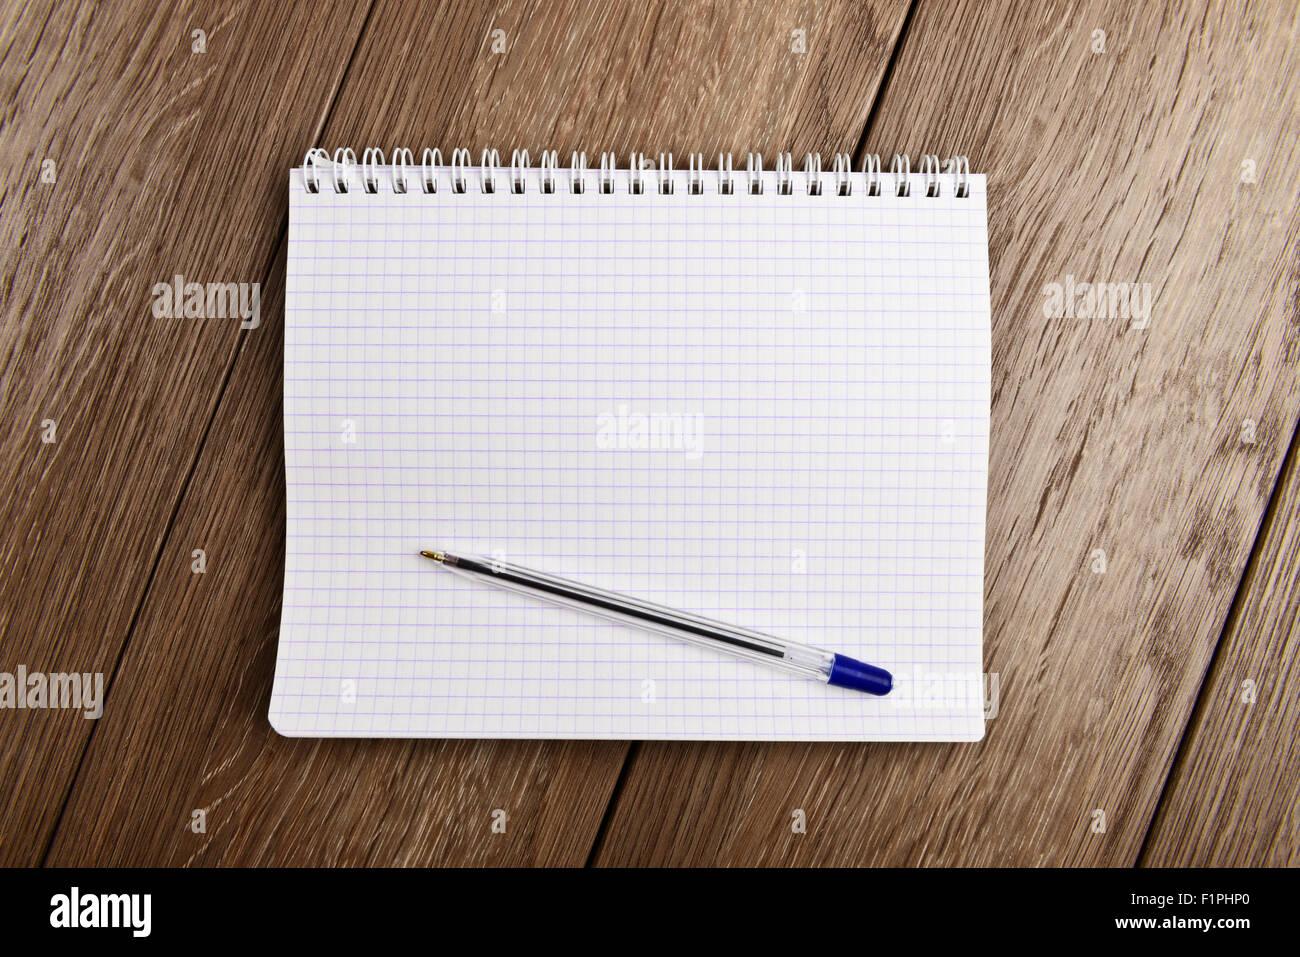 Carnet et un stylo. Page blanche sur fond de bois Photo Stock